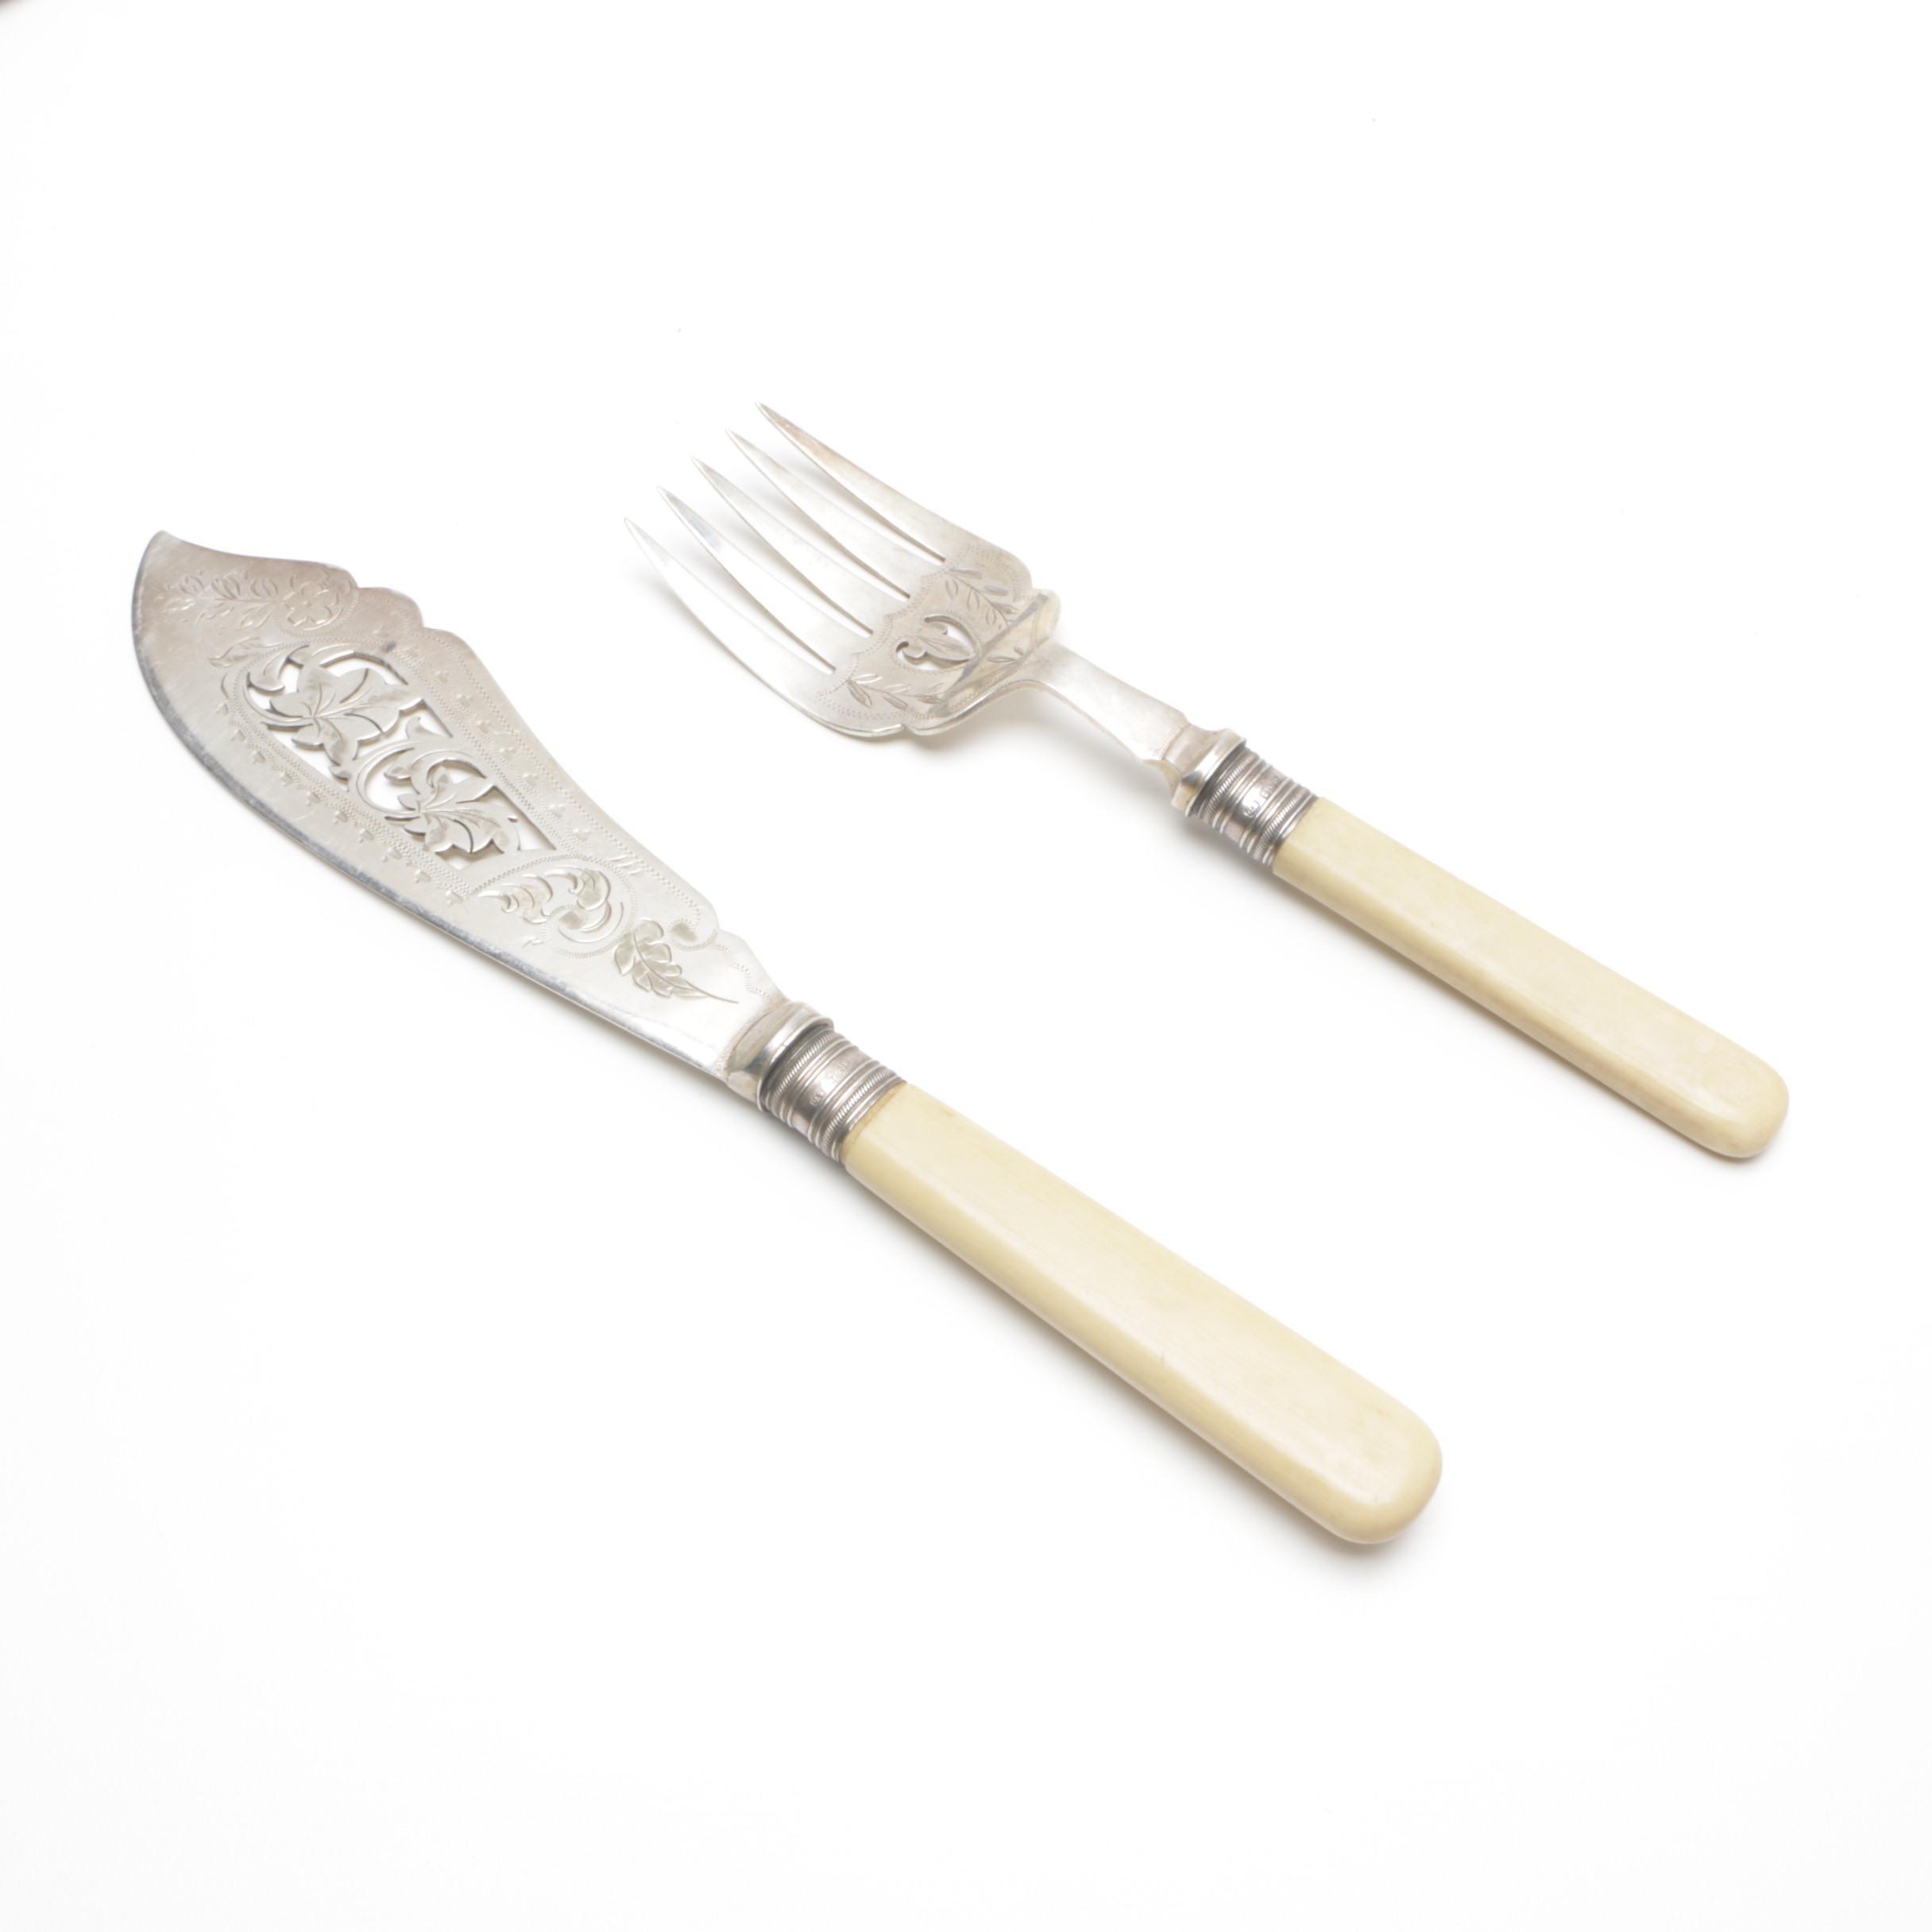 Vintage British Sterling Silver Bolstered and Celluloid Handled Serving Set